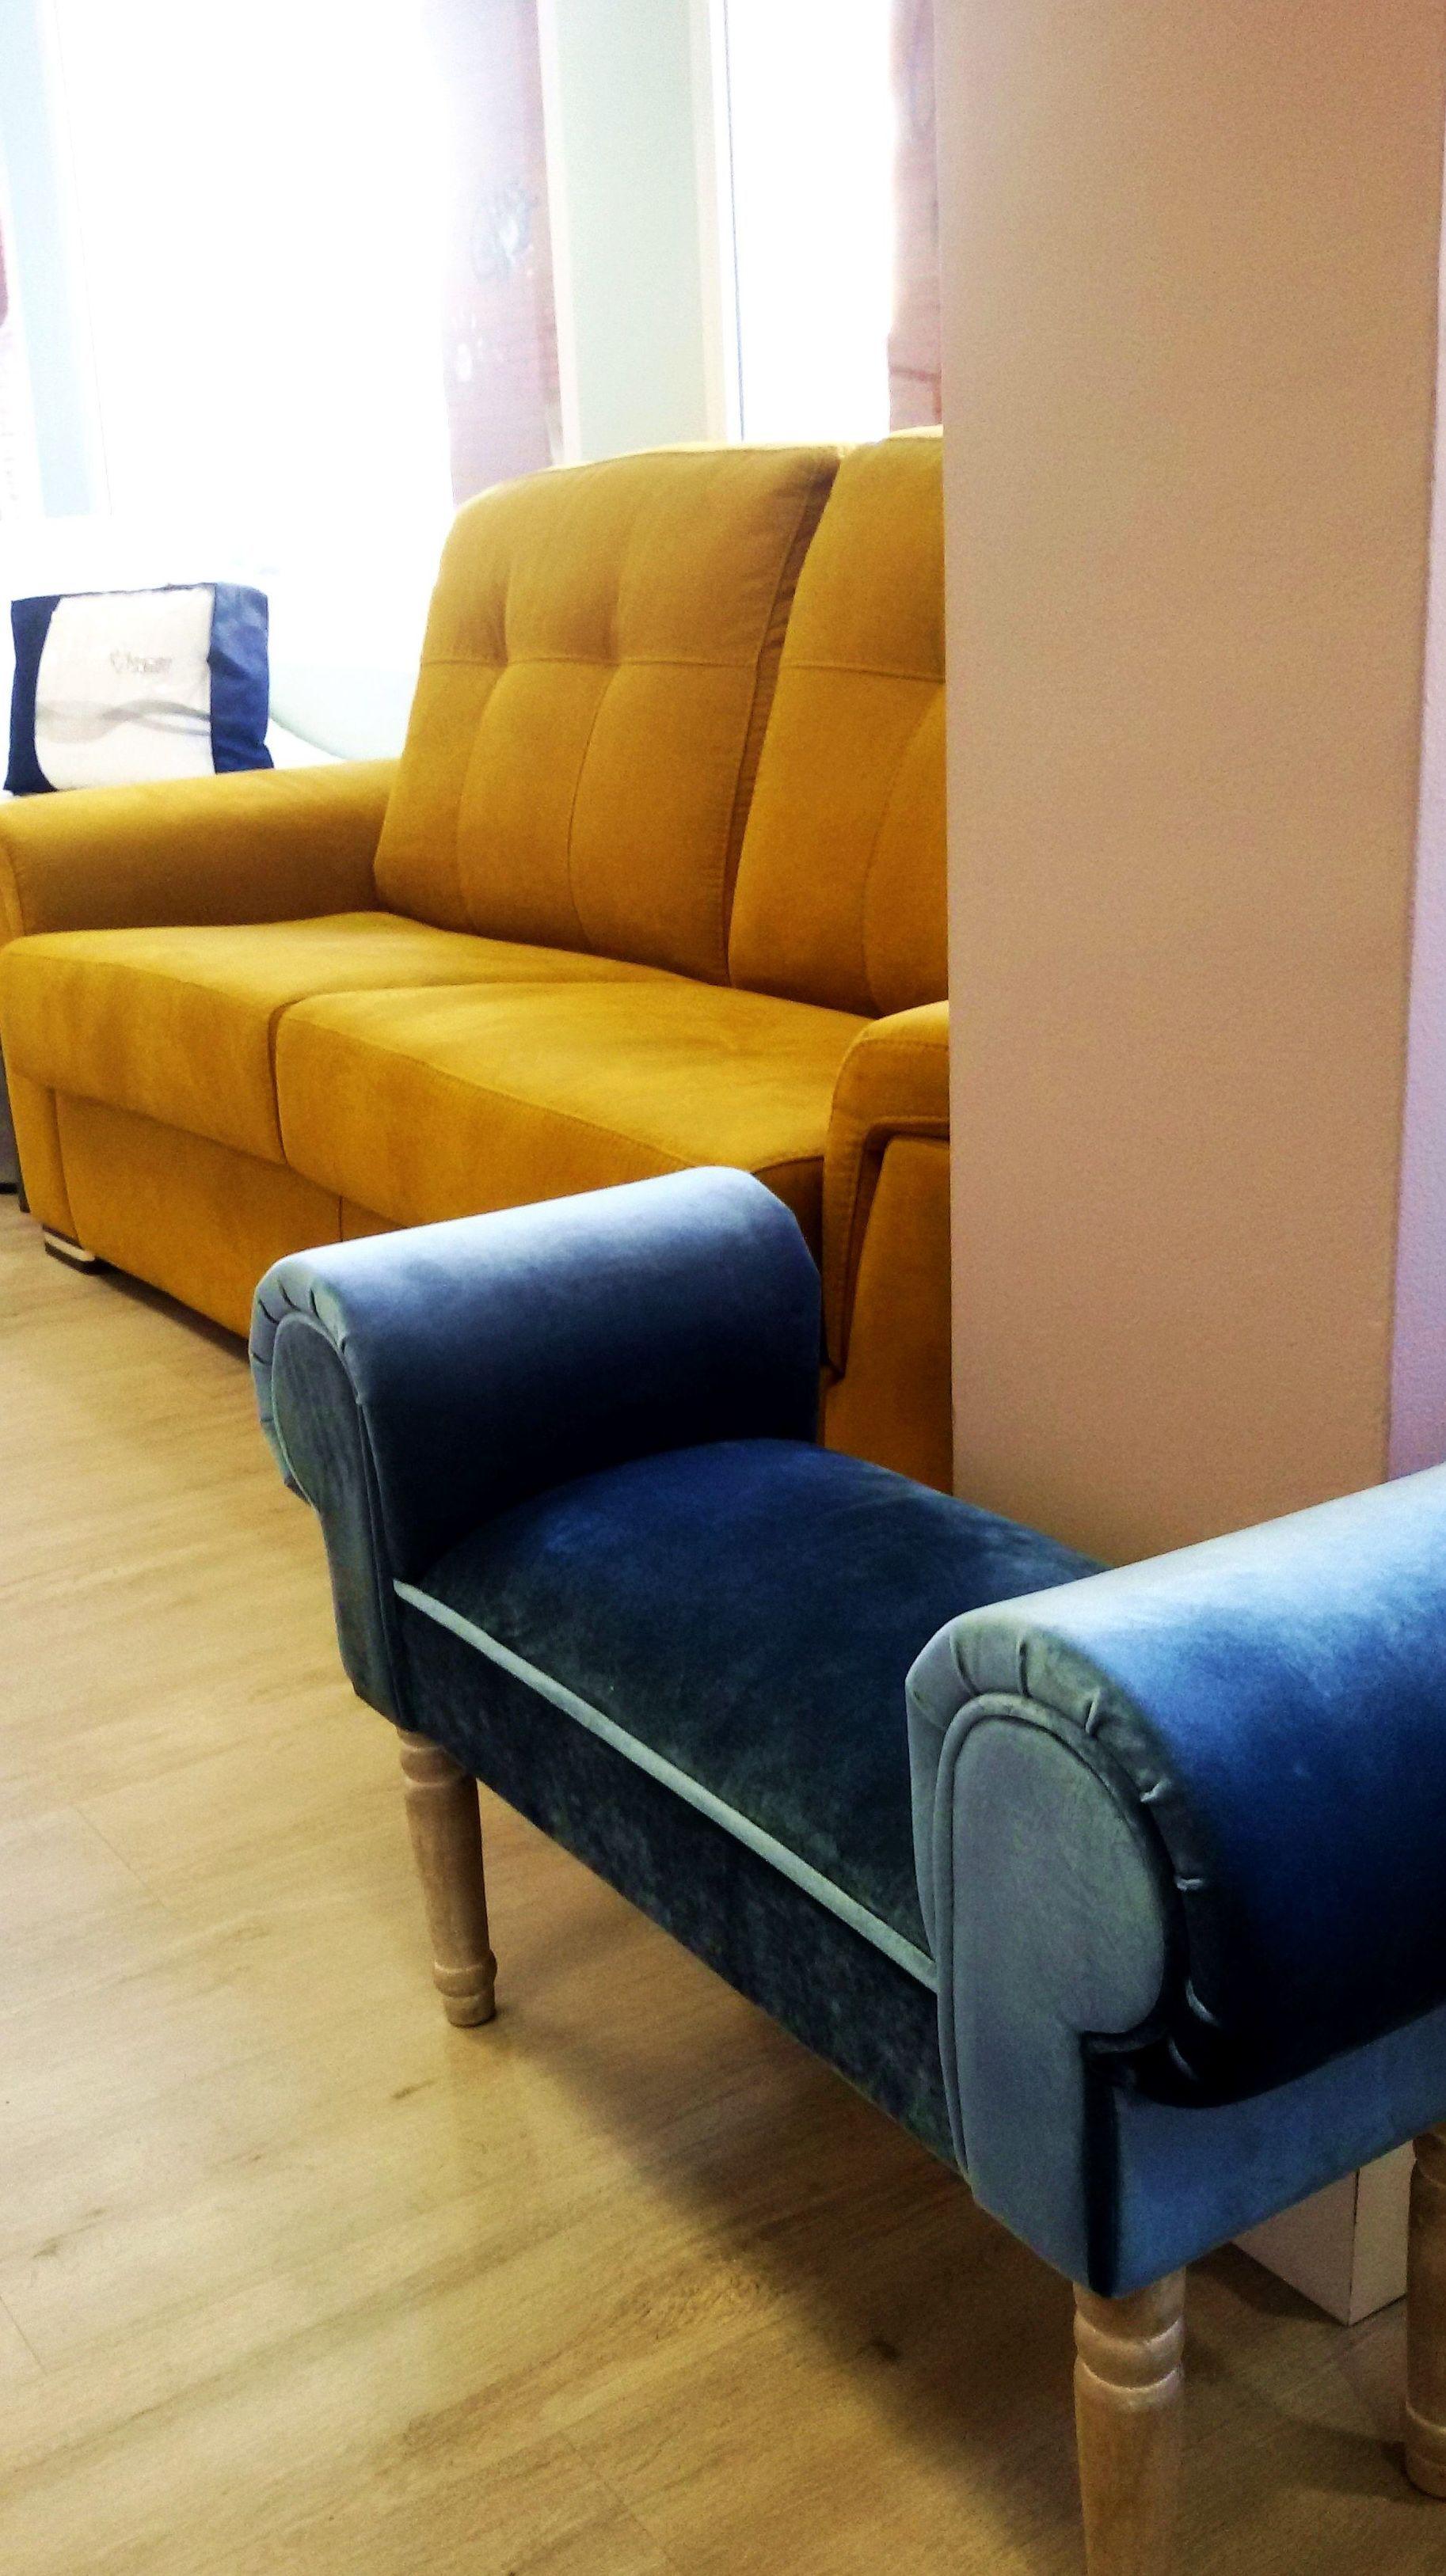 tiendas de muebles economicos en madrid muebles oligom